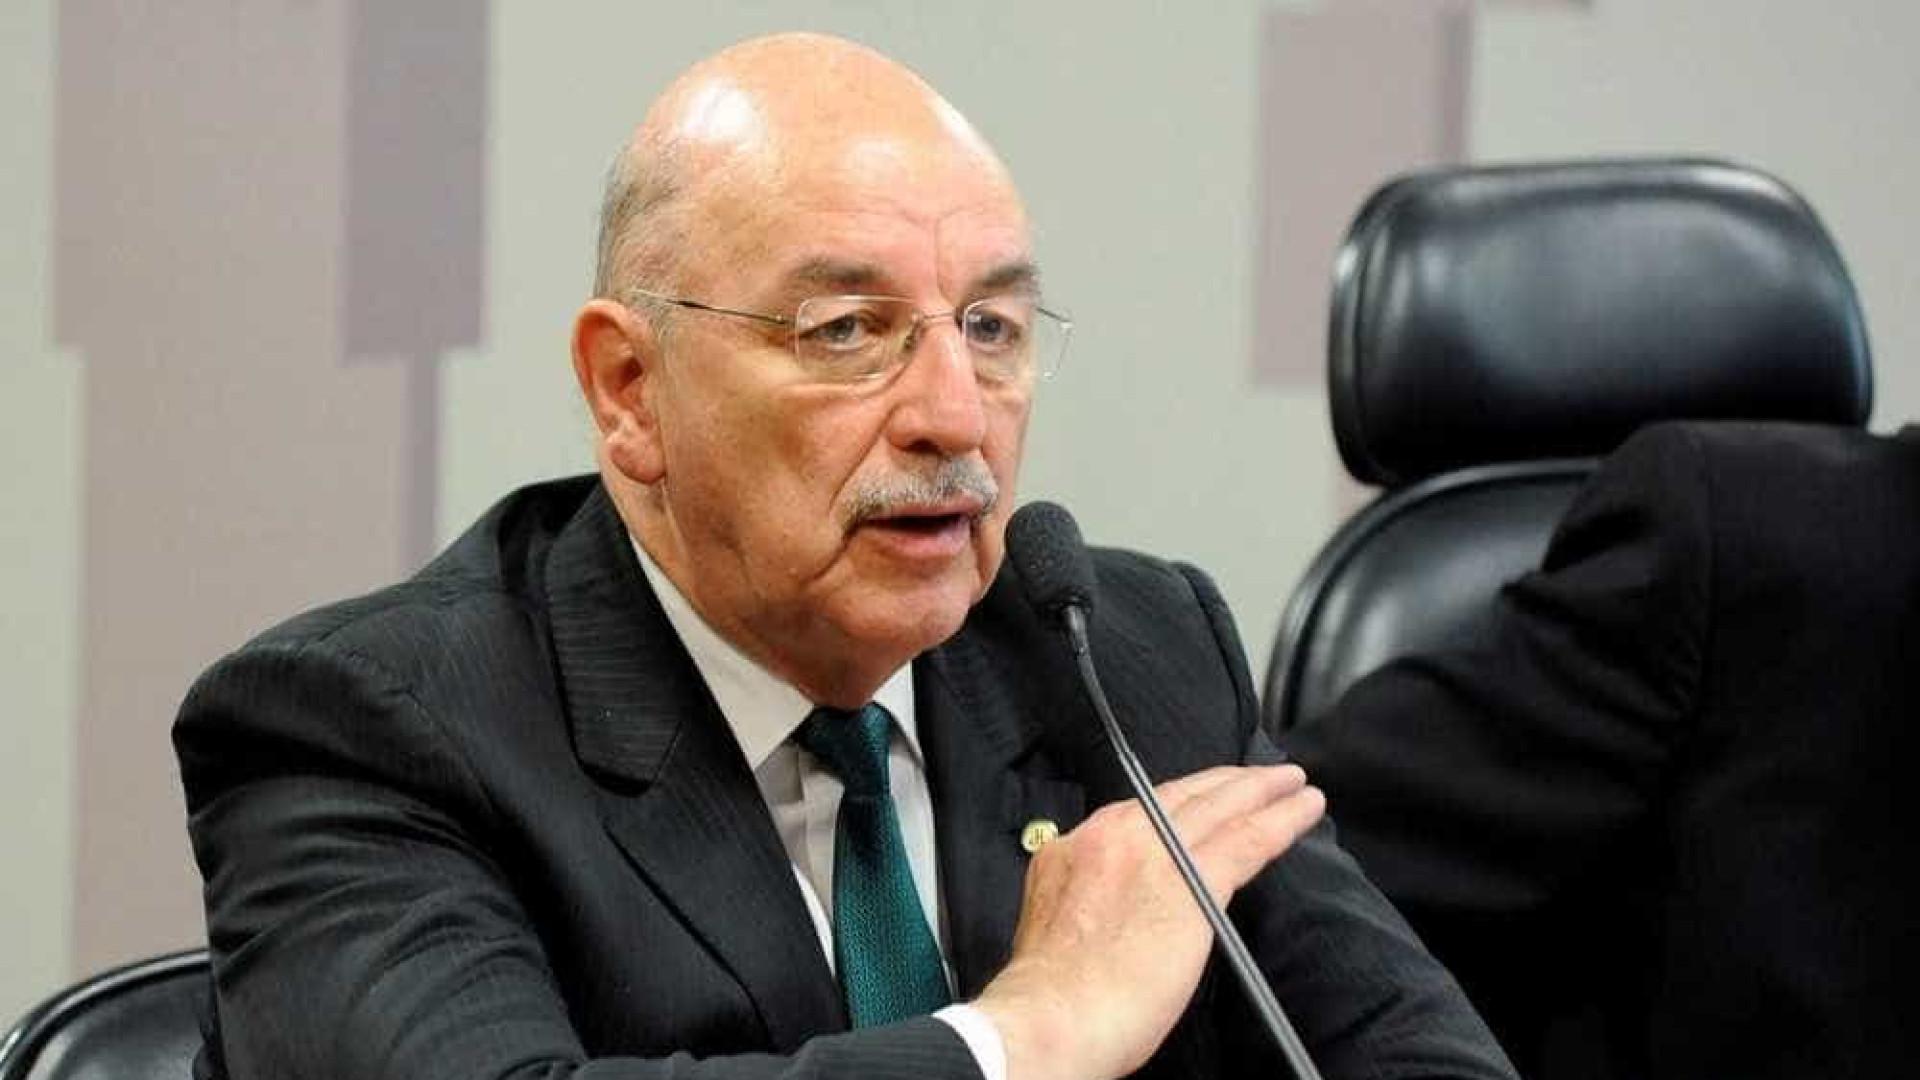 Relator da CPI, Renan chama Osmar Terra de 'líder do negacionismo'